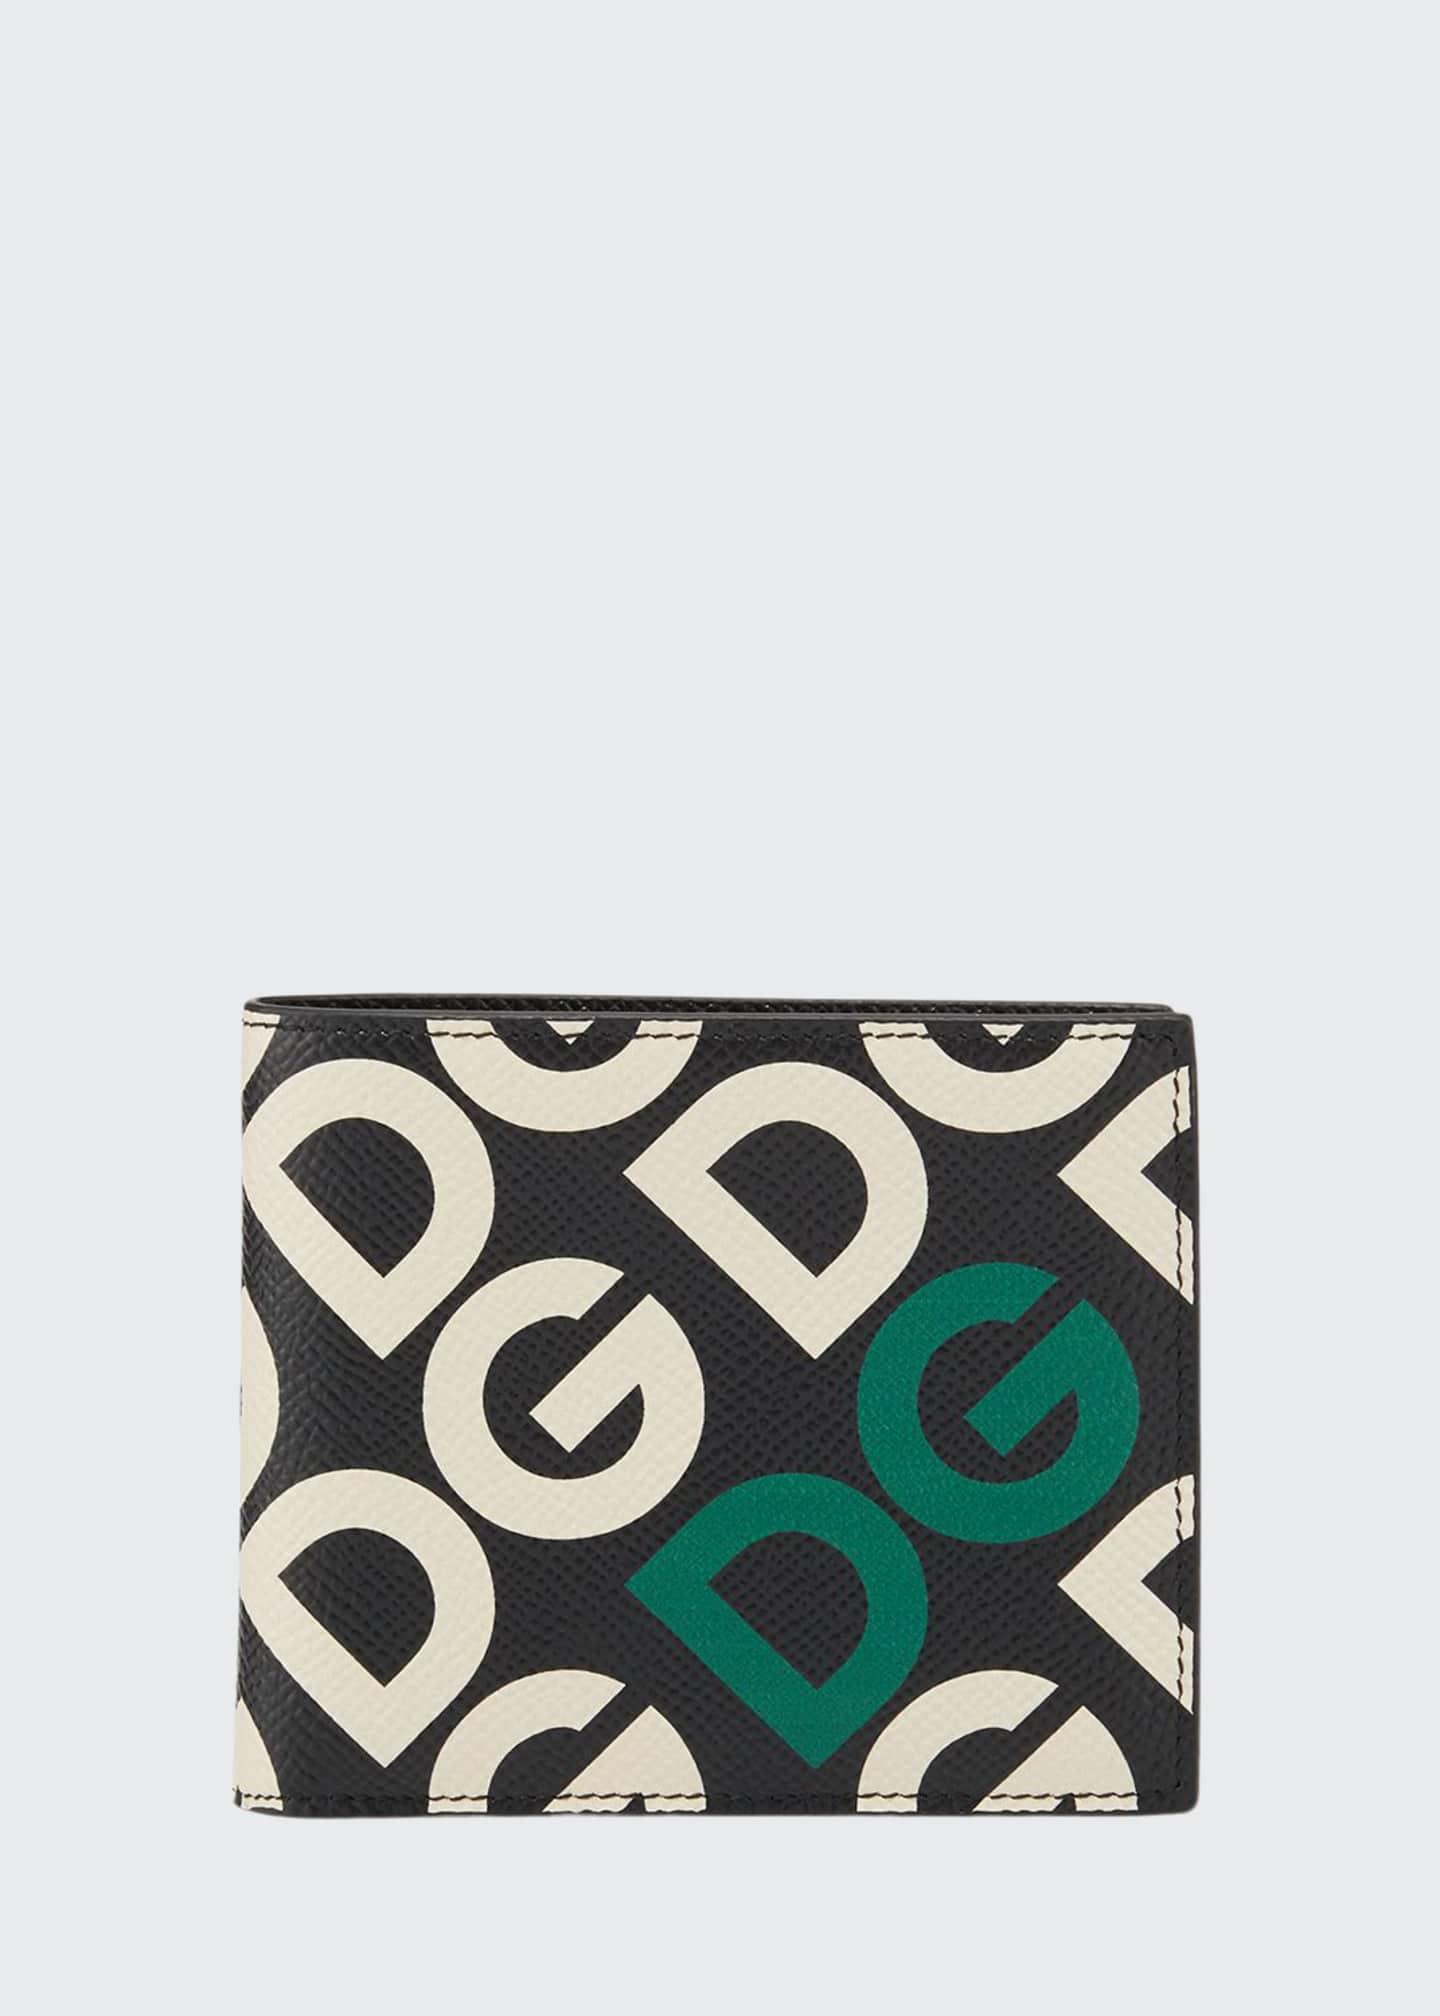 Dolce & Gabbana Men's Logo-Print Leather Bifold Wallet